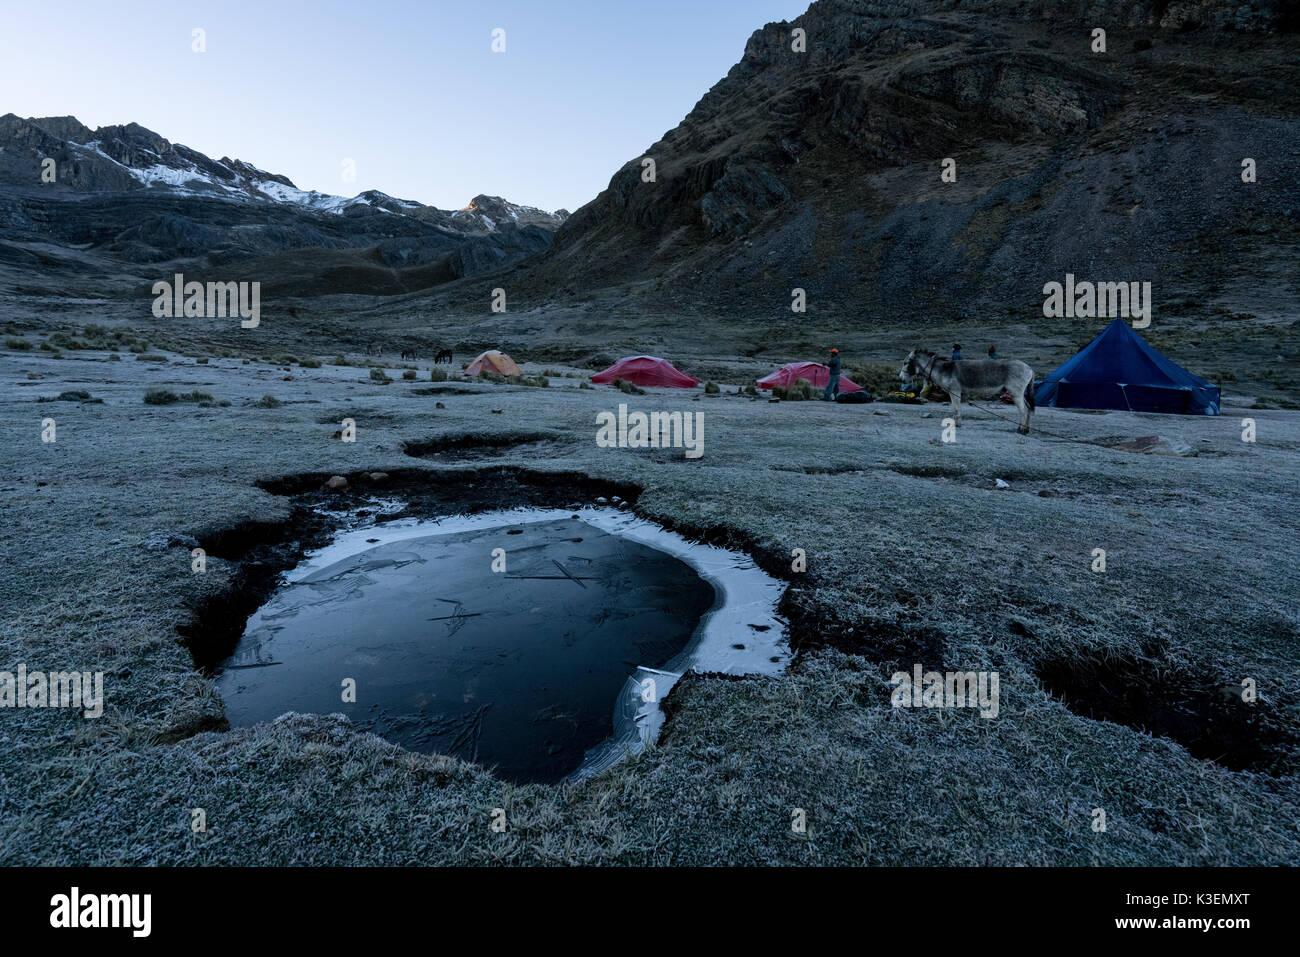 Amanecer rompiendo en el huayhuash trek, Perú Imagen De Stock